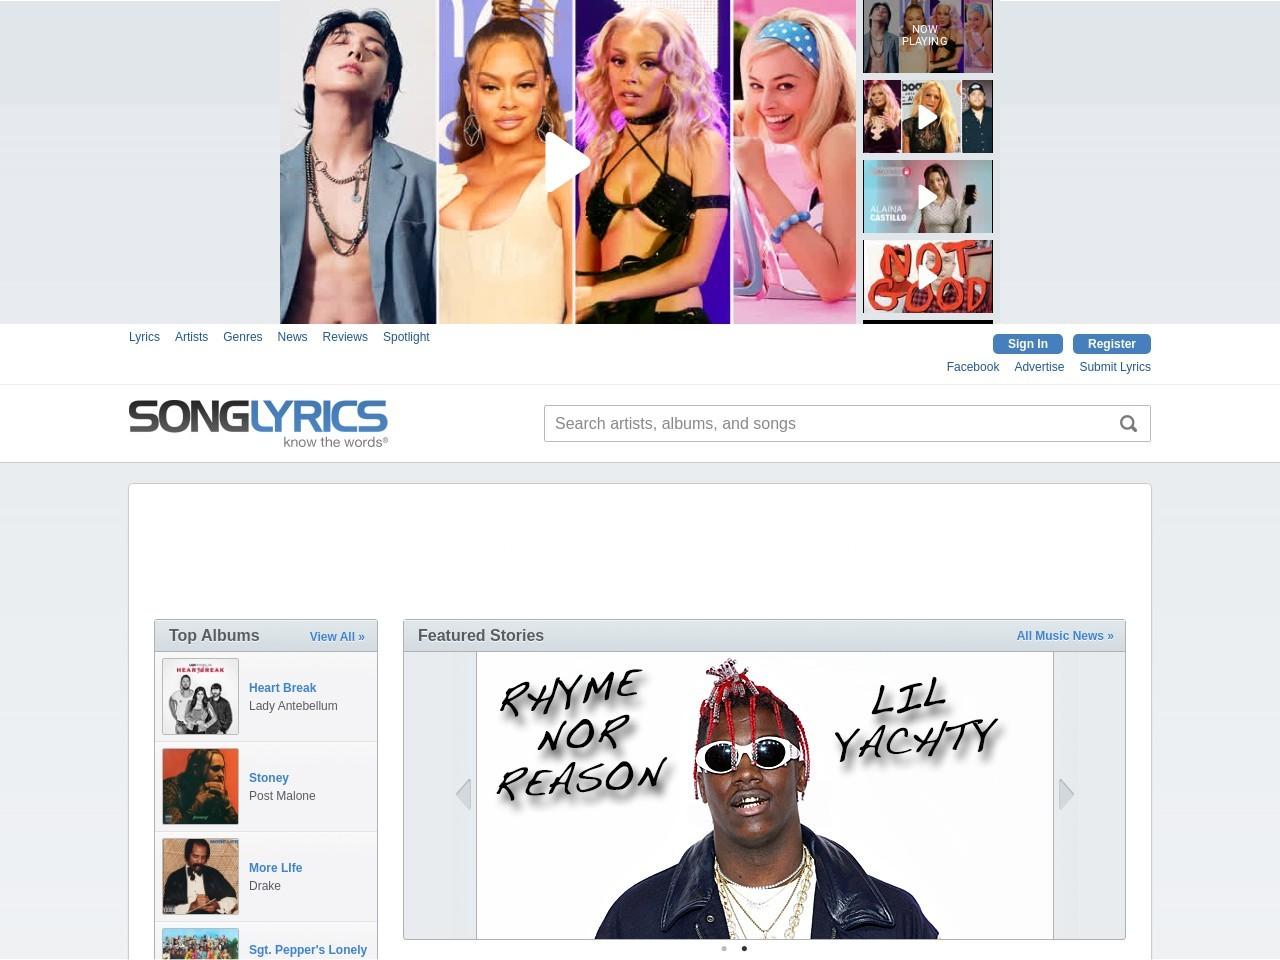 SONGLYRICS.com | The Definitive Community for Lyrics and Reviews